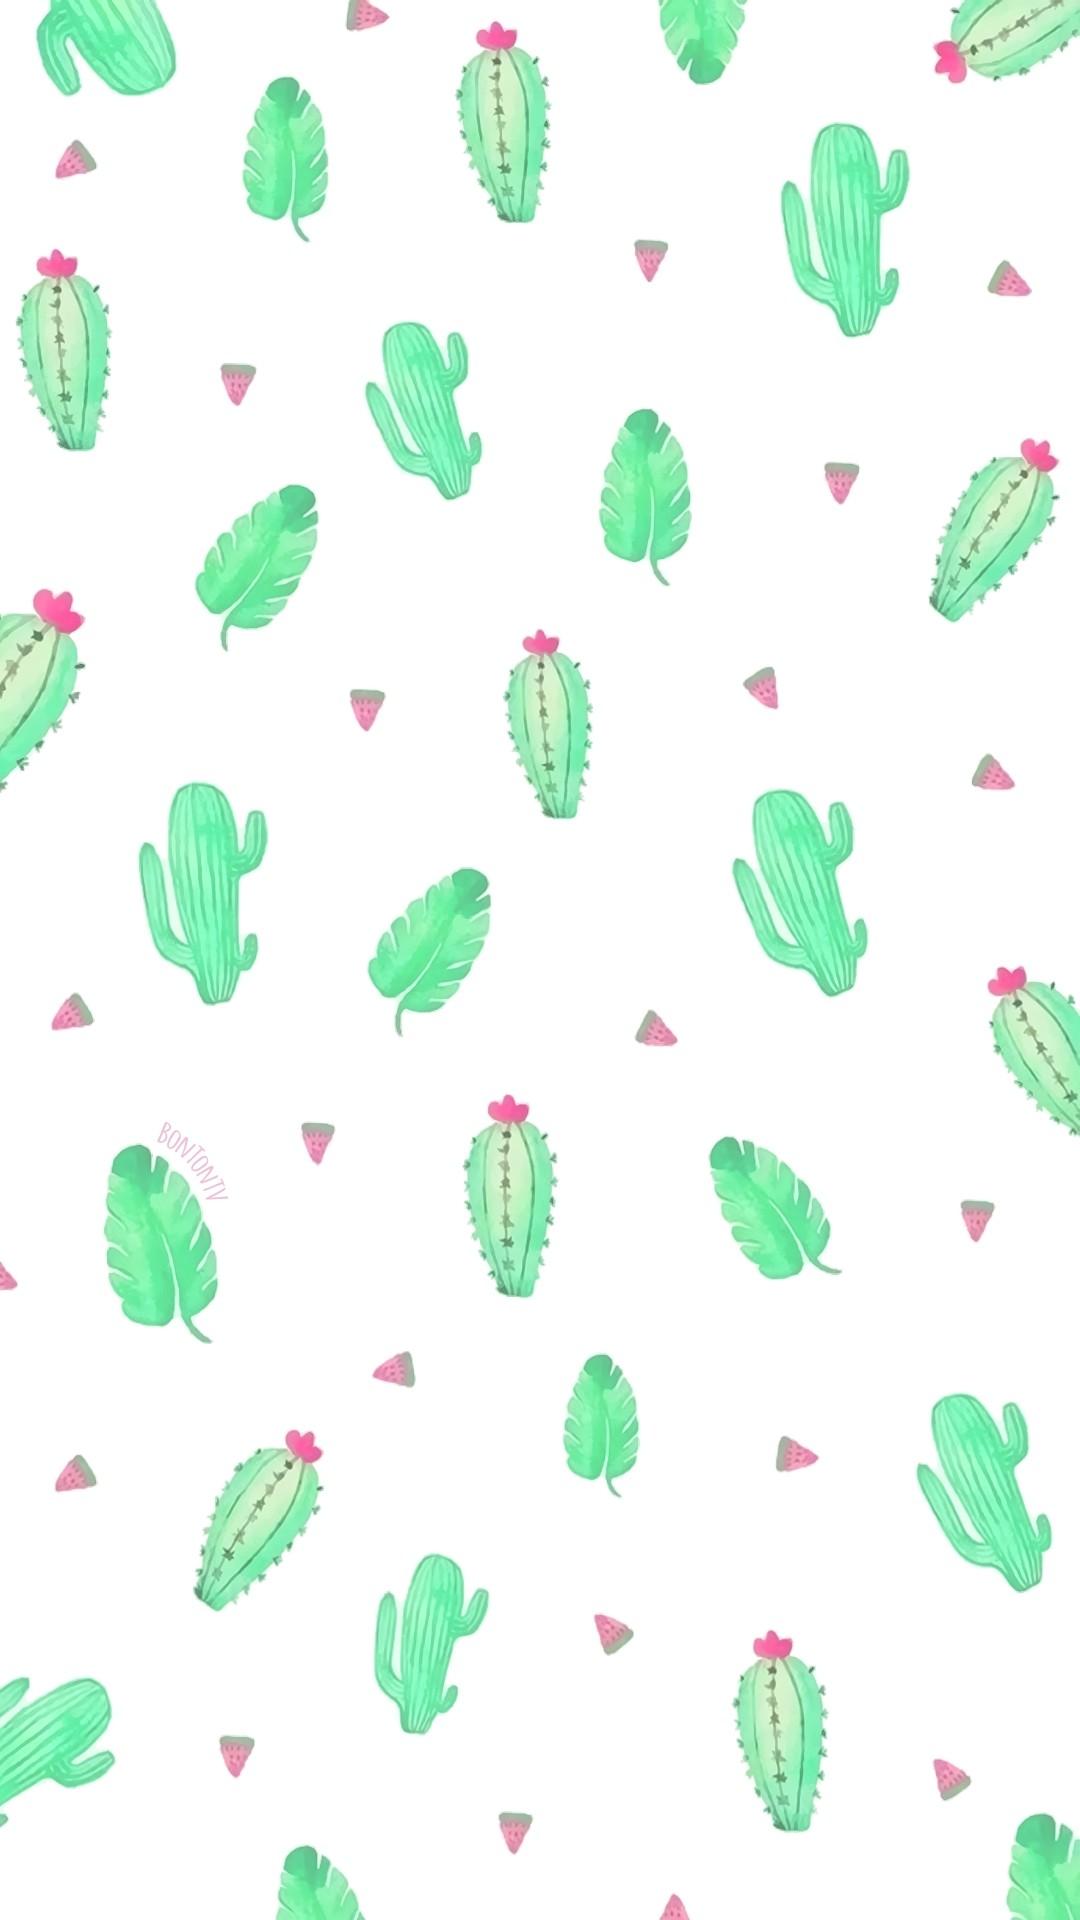 Cactus iphone 5s